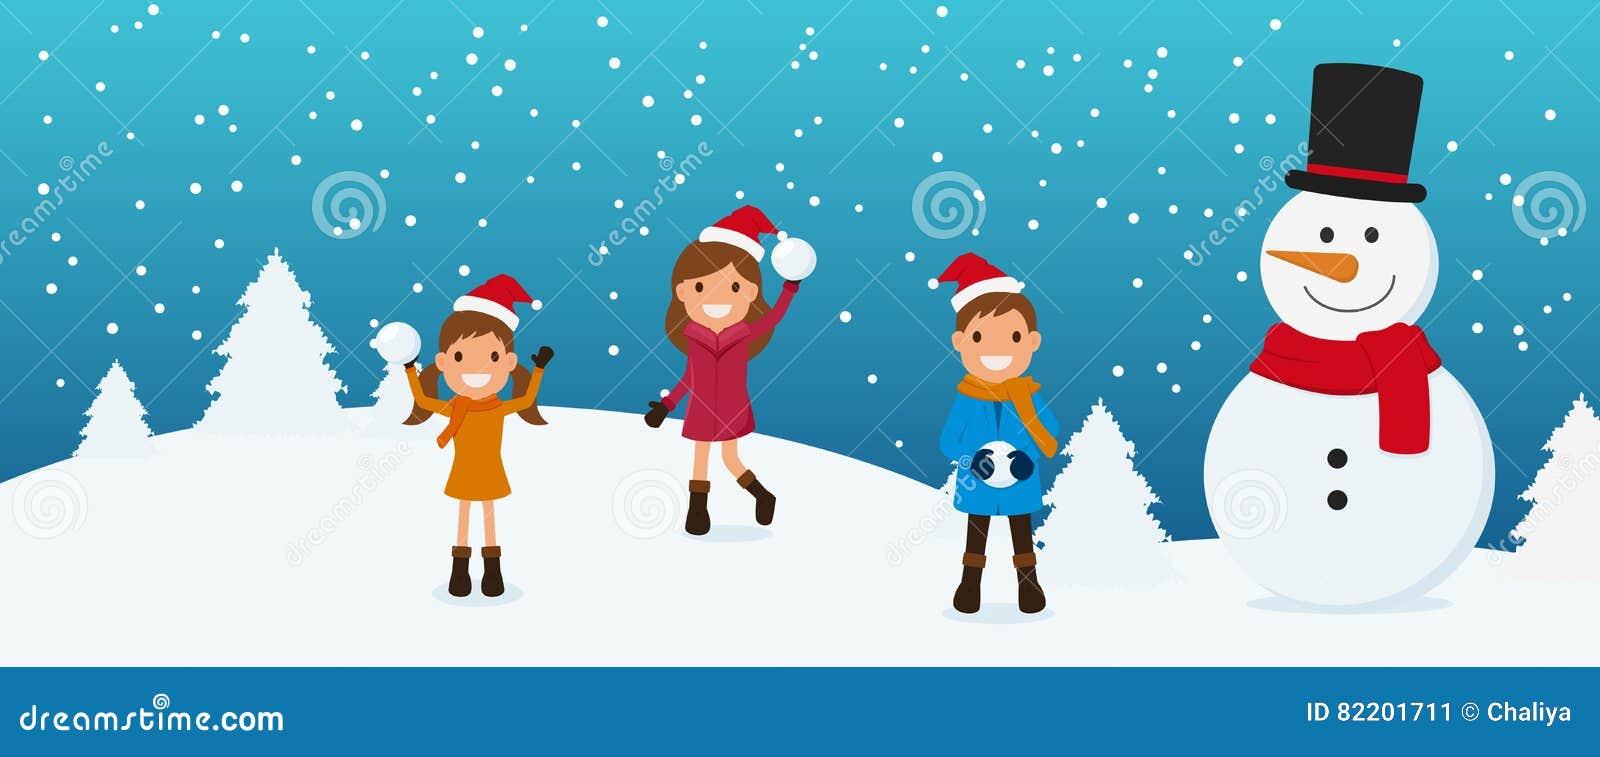 Buon Natale Per Bambini.Buon Natale Bambini Svegli E Pupazzo Di Neve Che Giocano Palla Di